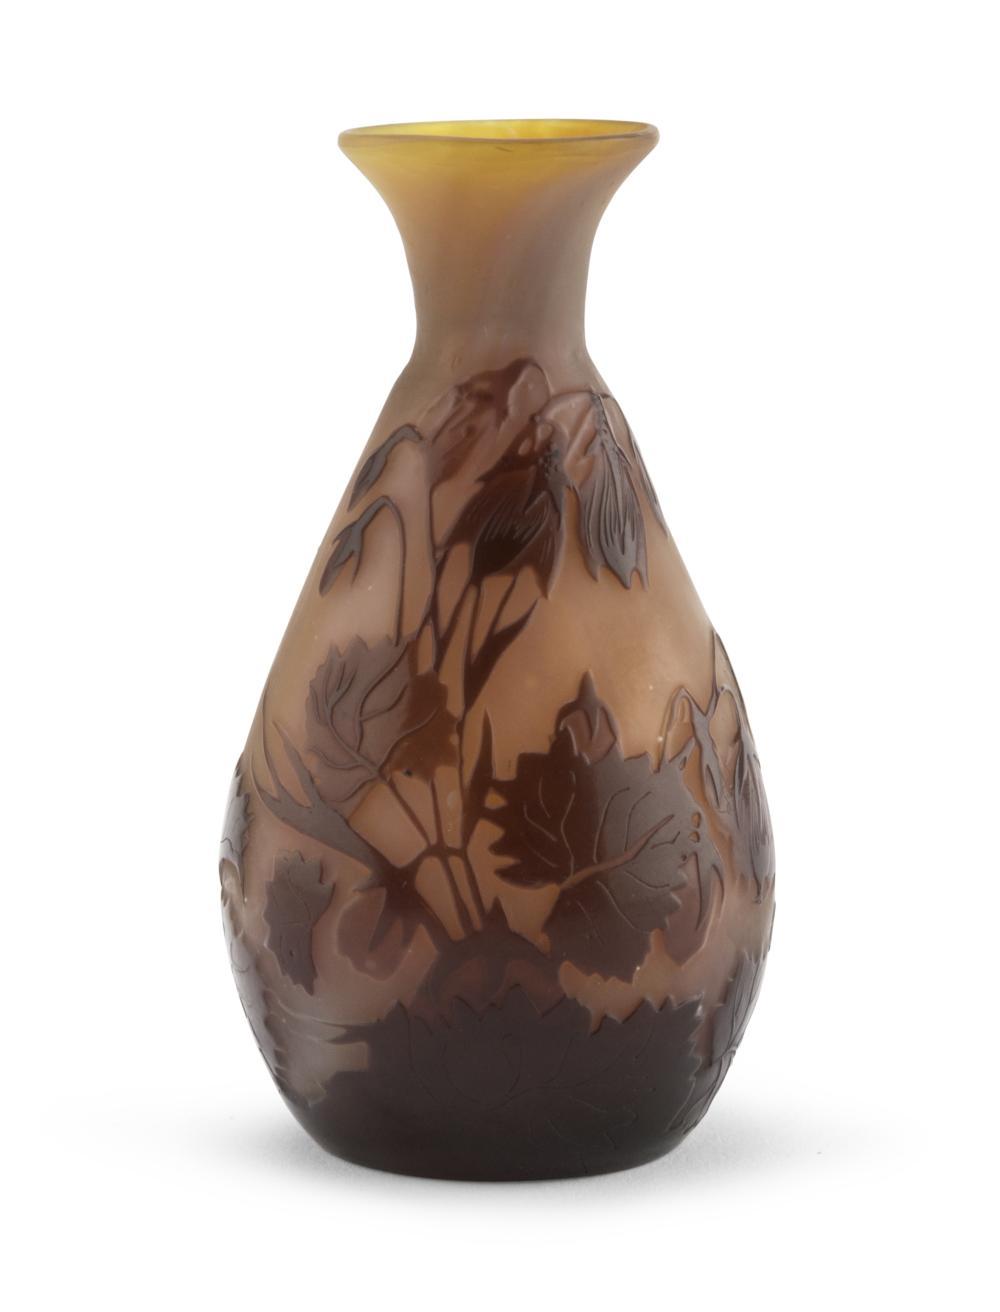 Piccolo vaso di emile gall nancy 1846 1904 for Vaso galle